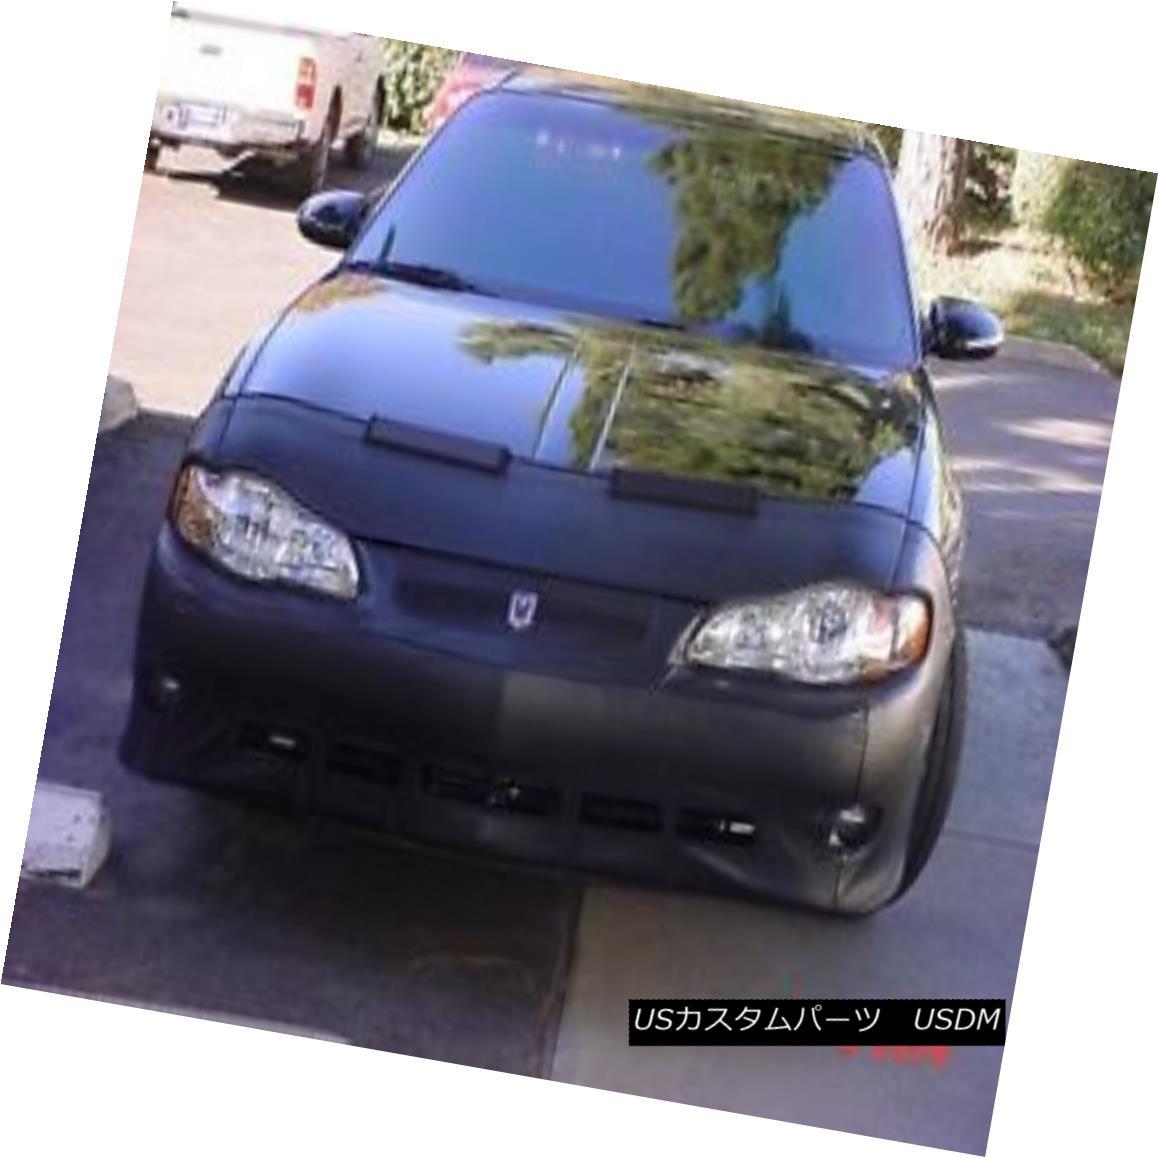 フルブラ ノーズブラ Colgan Front End Mask Bra 2pc. Fits Chevy Monte Carlo SS SuprCh 04-05 W/OTag   コルガンフロントエンドマスクブラ2pc Chevy Monte Carlo SS SuprChにフィットする04-05 W / OTag